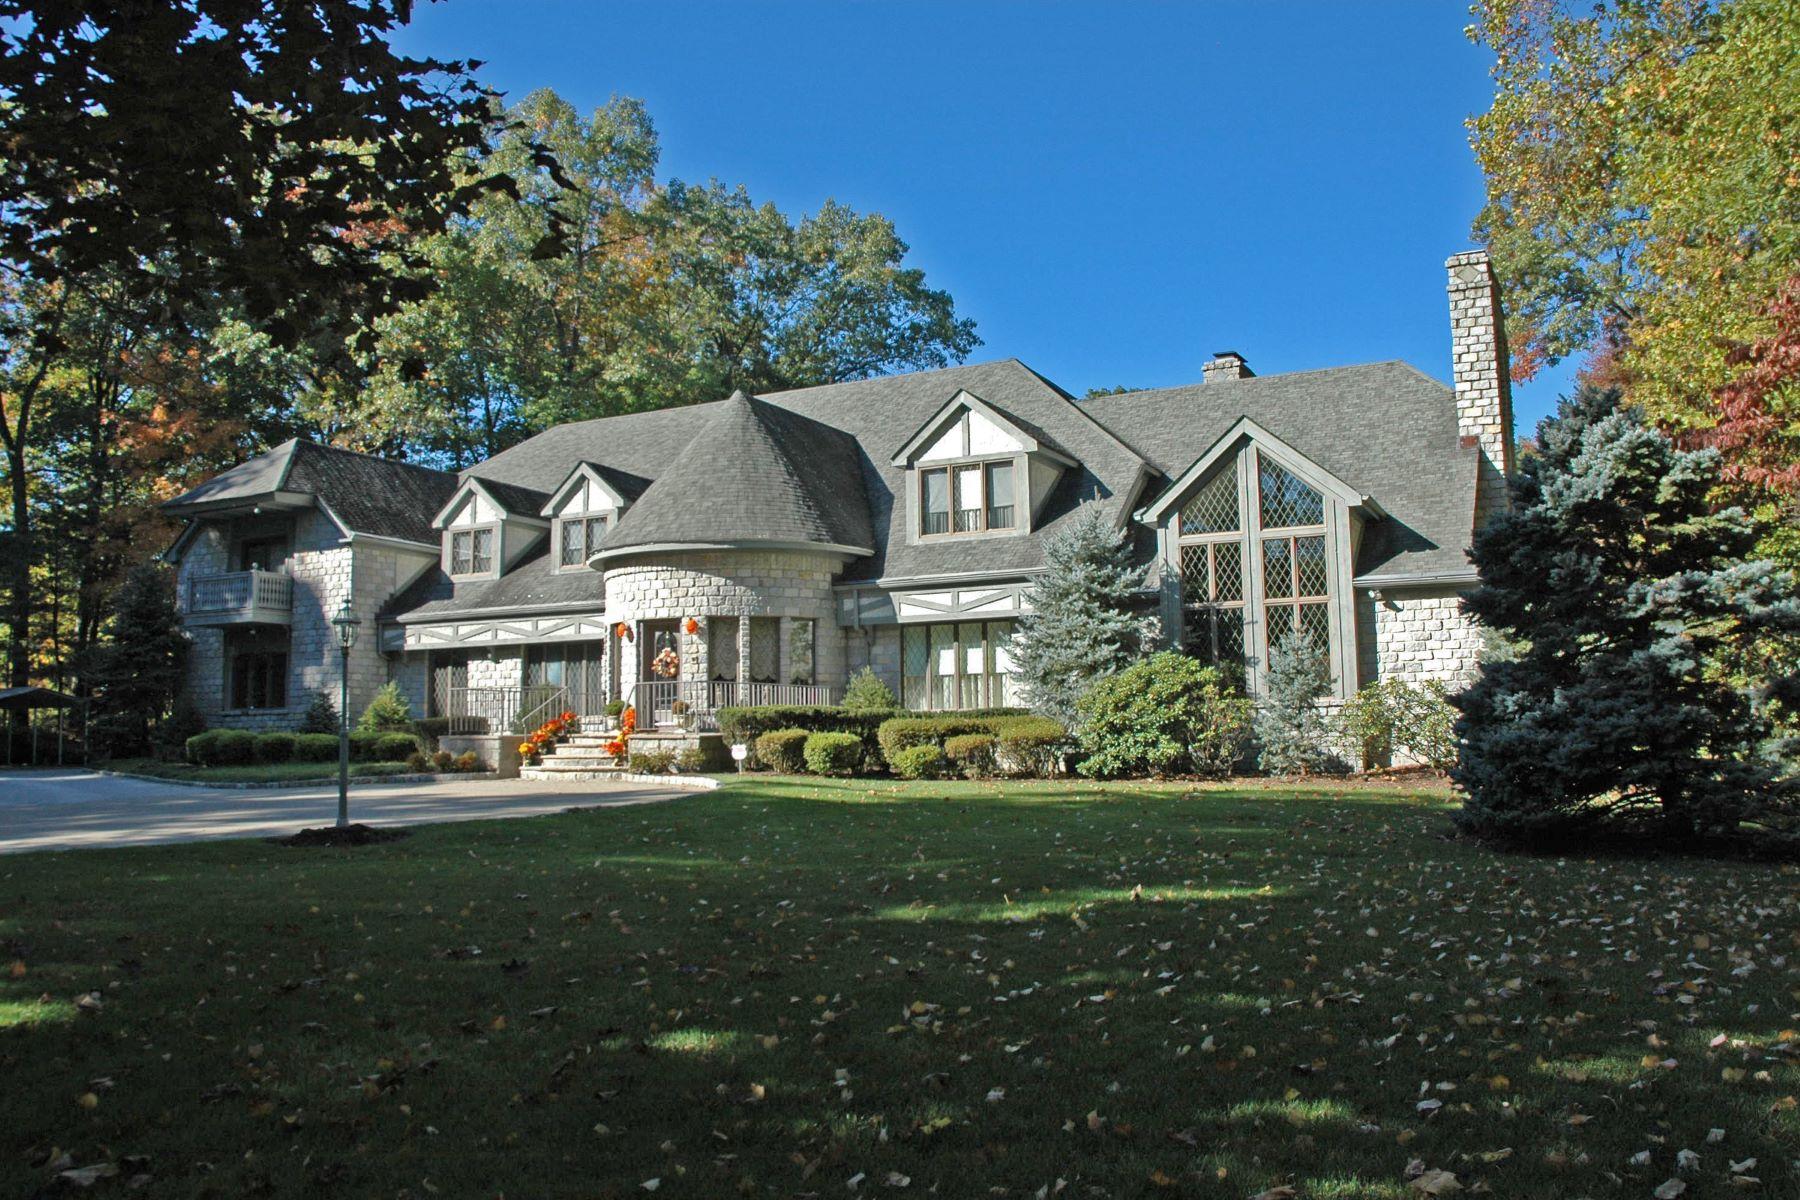 단독 가정 주택 용 매매 에 French Normandy Estate 5 Country Squire Road Saddle River, 뉴저지, 07458 미국